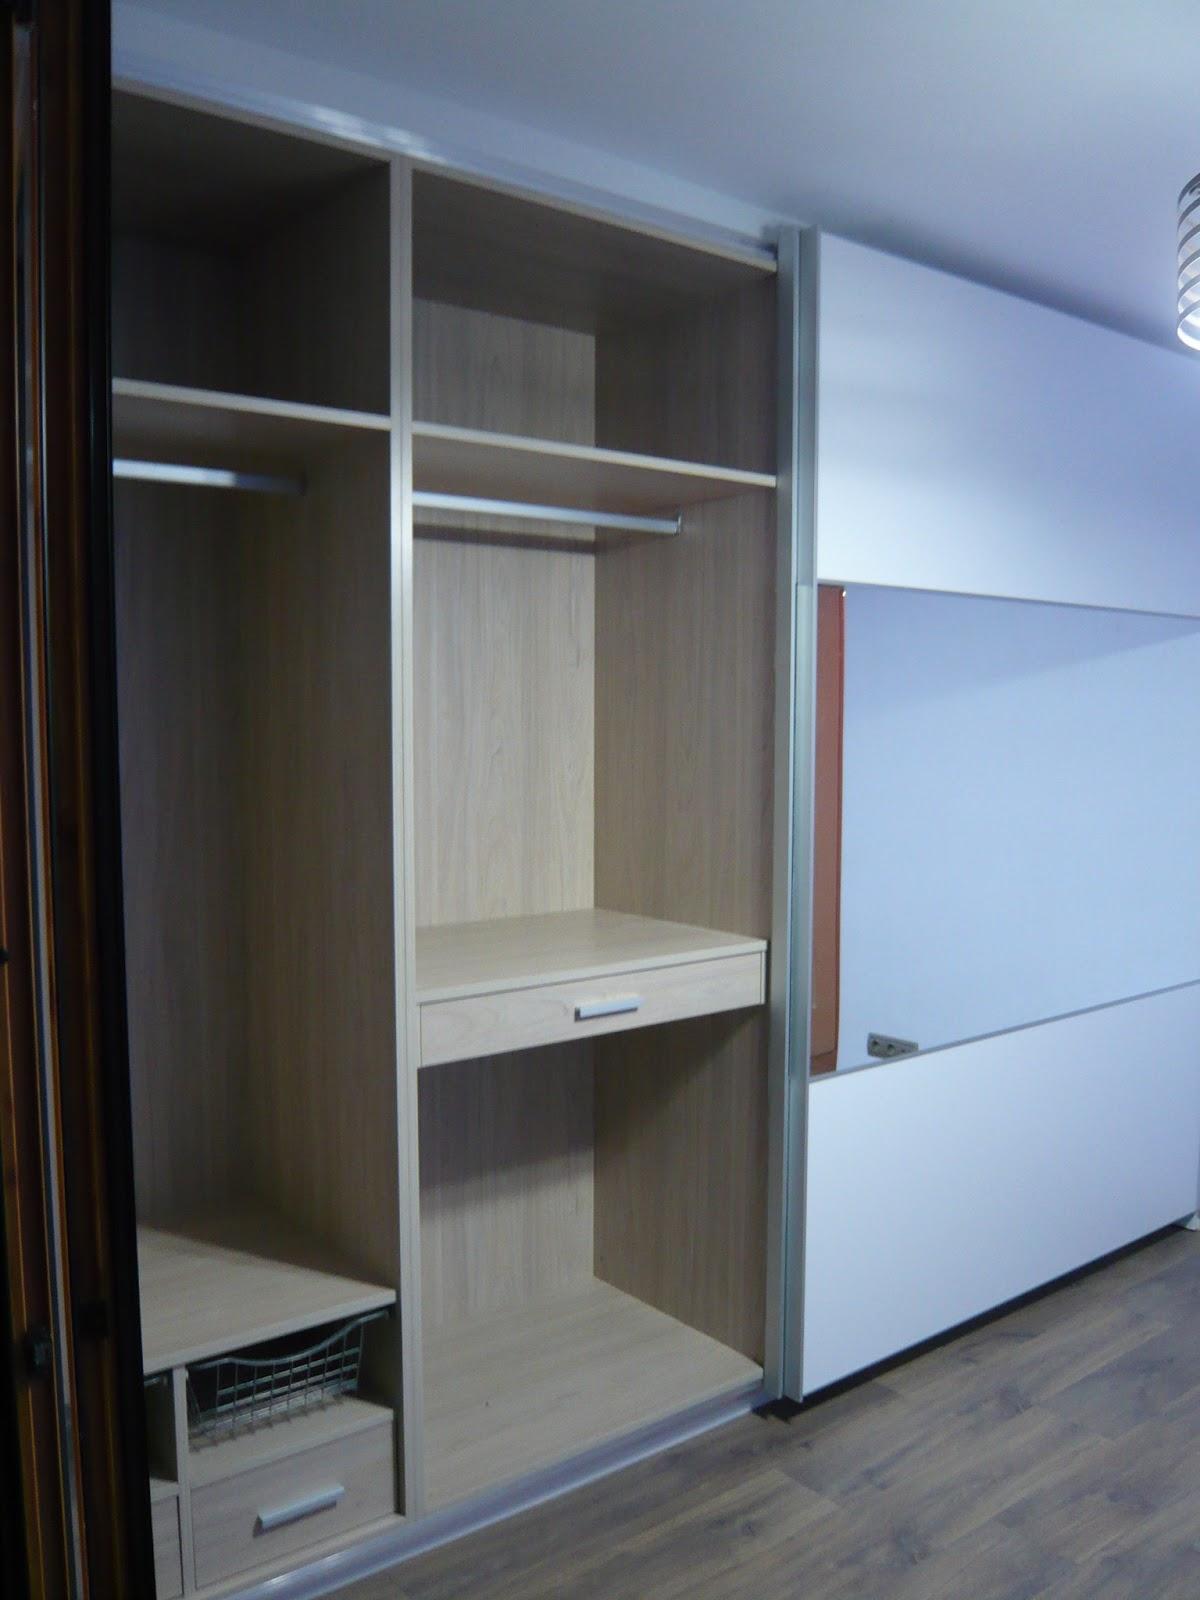 Reuscuina mueble de 3 39 40mt con 2 puertas correderas con - Muebles con puertas correderas ...